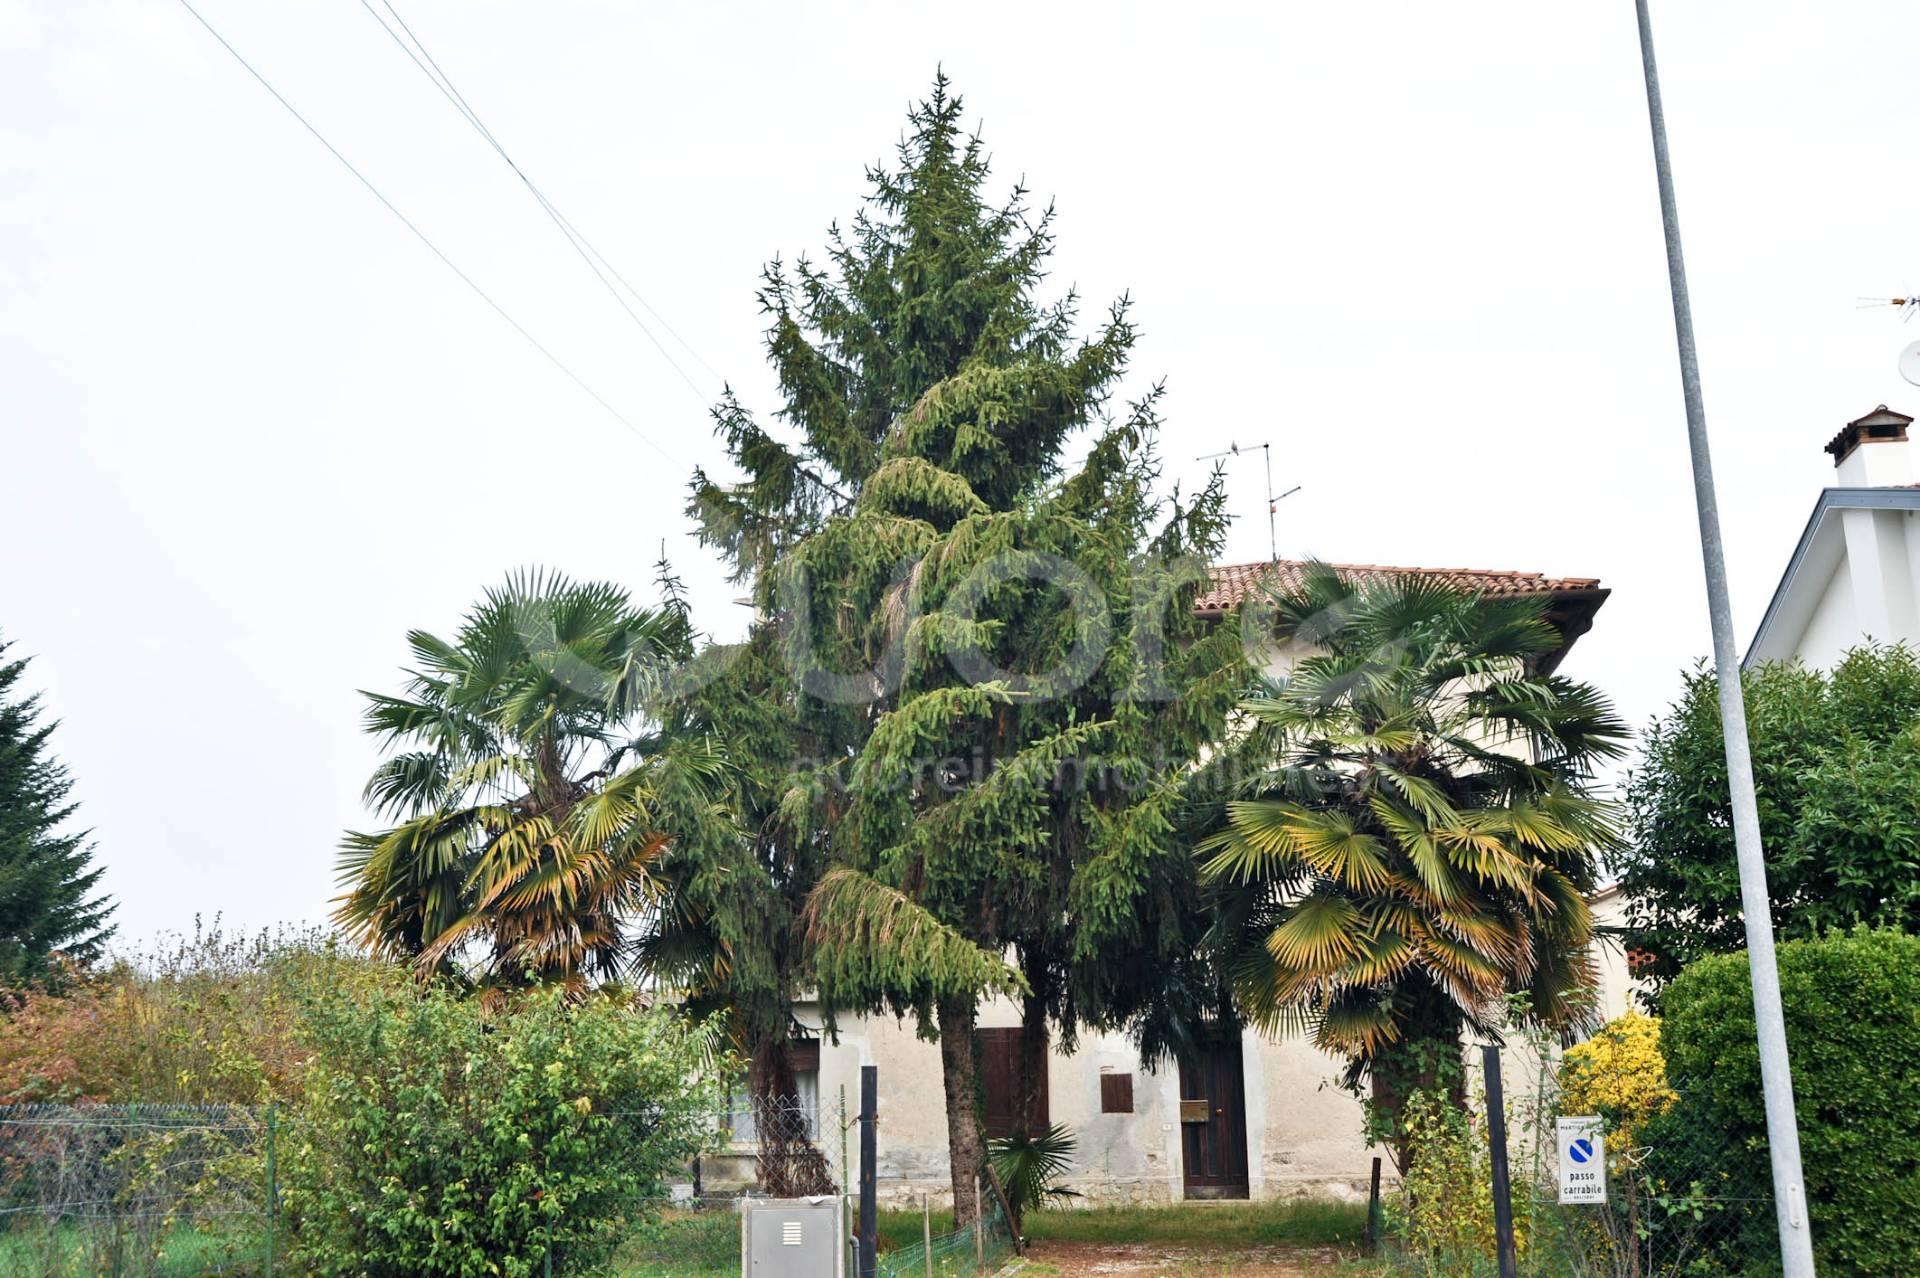 Soluzione Indipendente in vendita a Martignacco, 7 locali, prezzo € 89.000 | CambioCasa.it